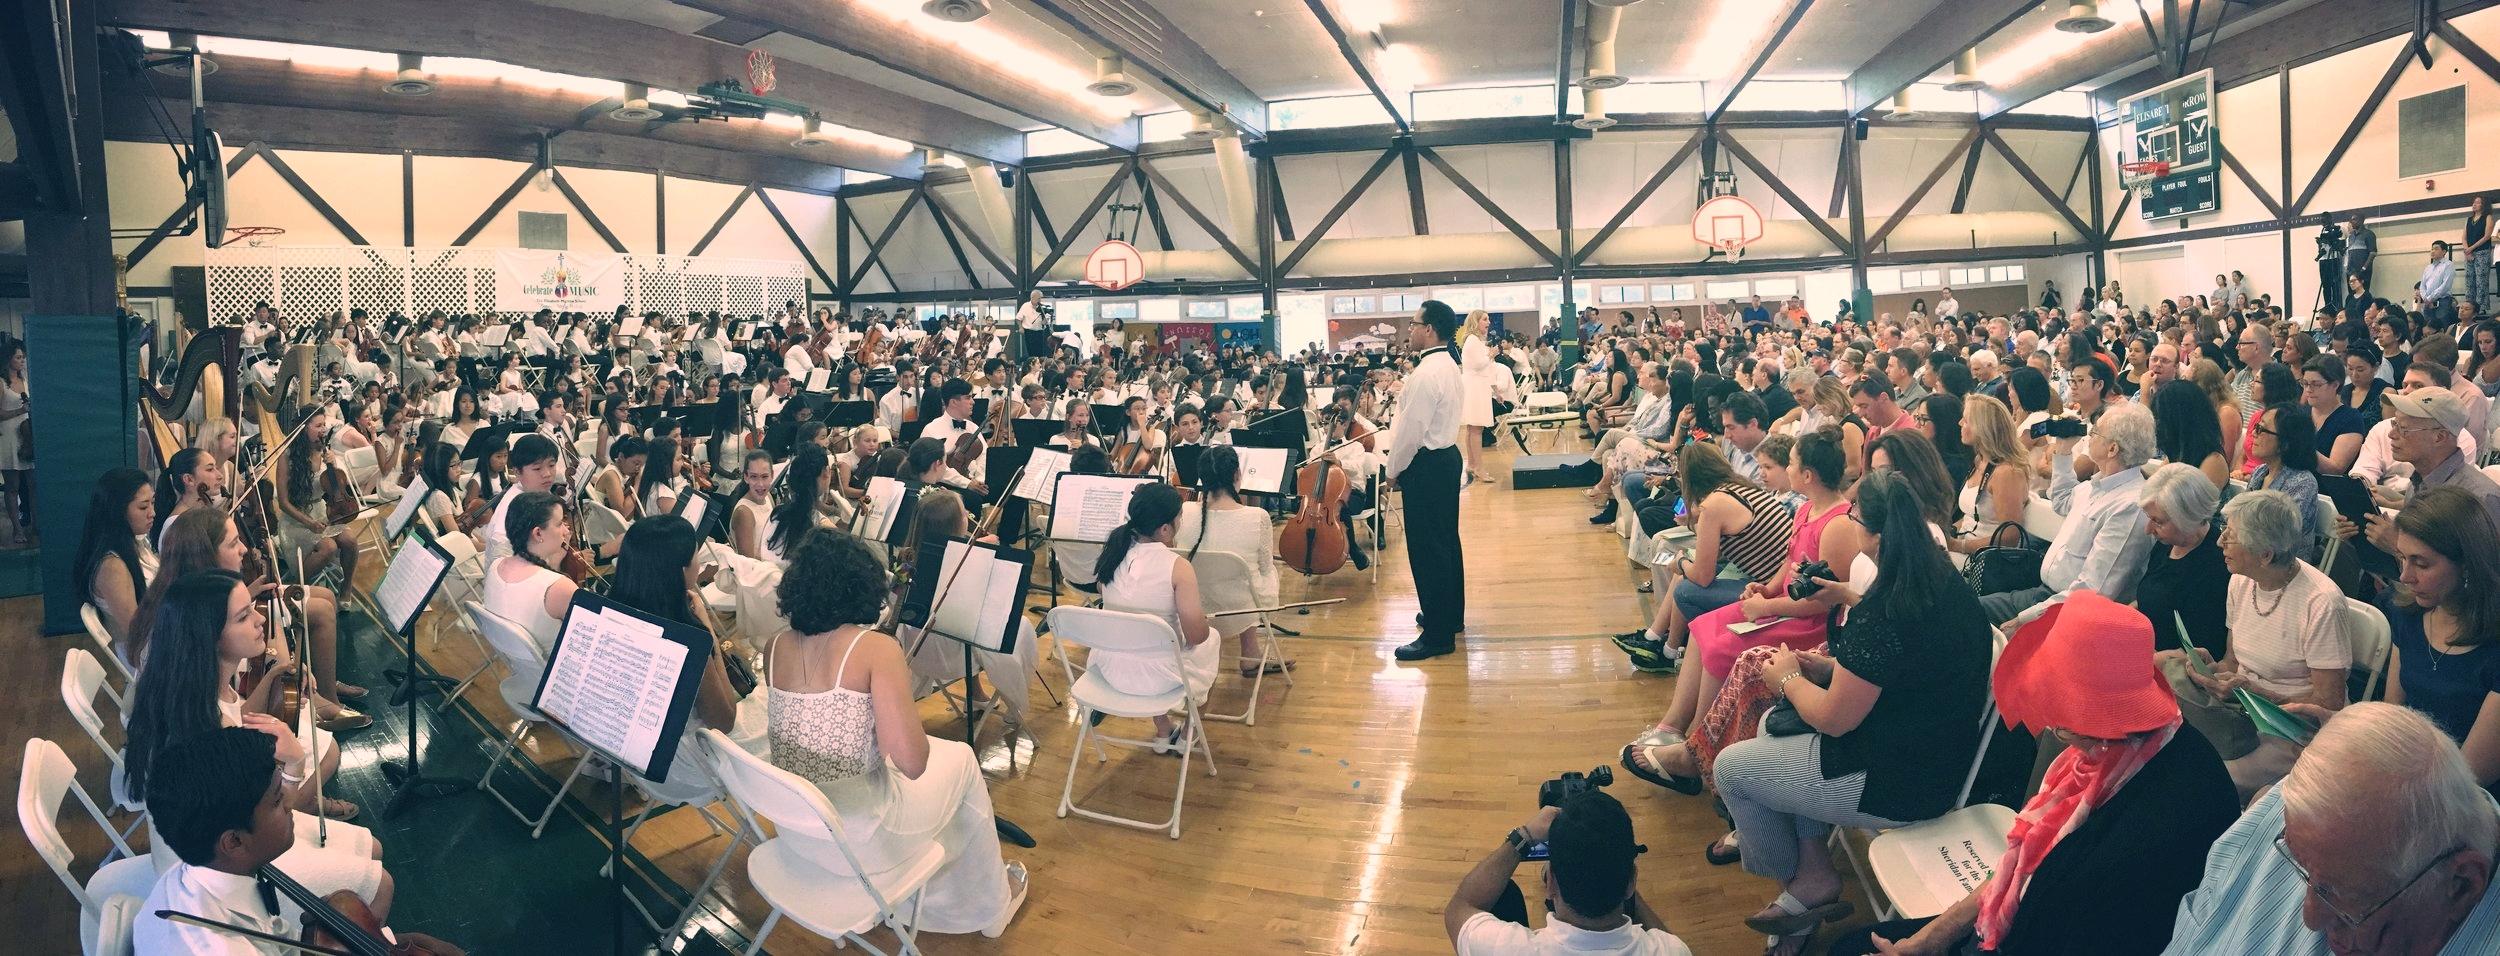 最終日のコンサートの様子。左は生徒達のオーケストラ。右側にその演奏を見に来た家族達。